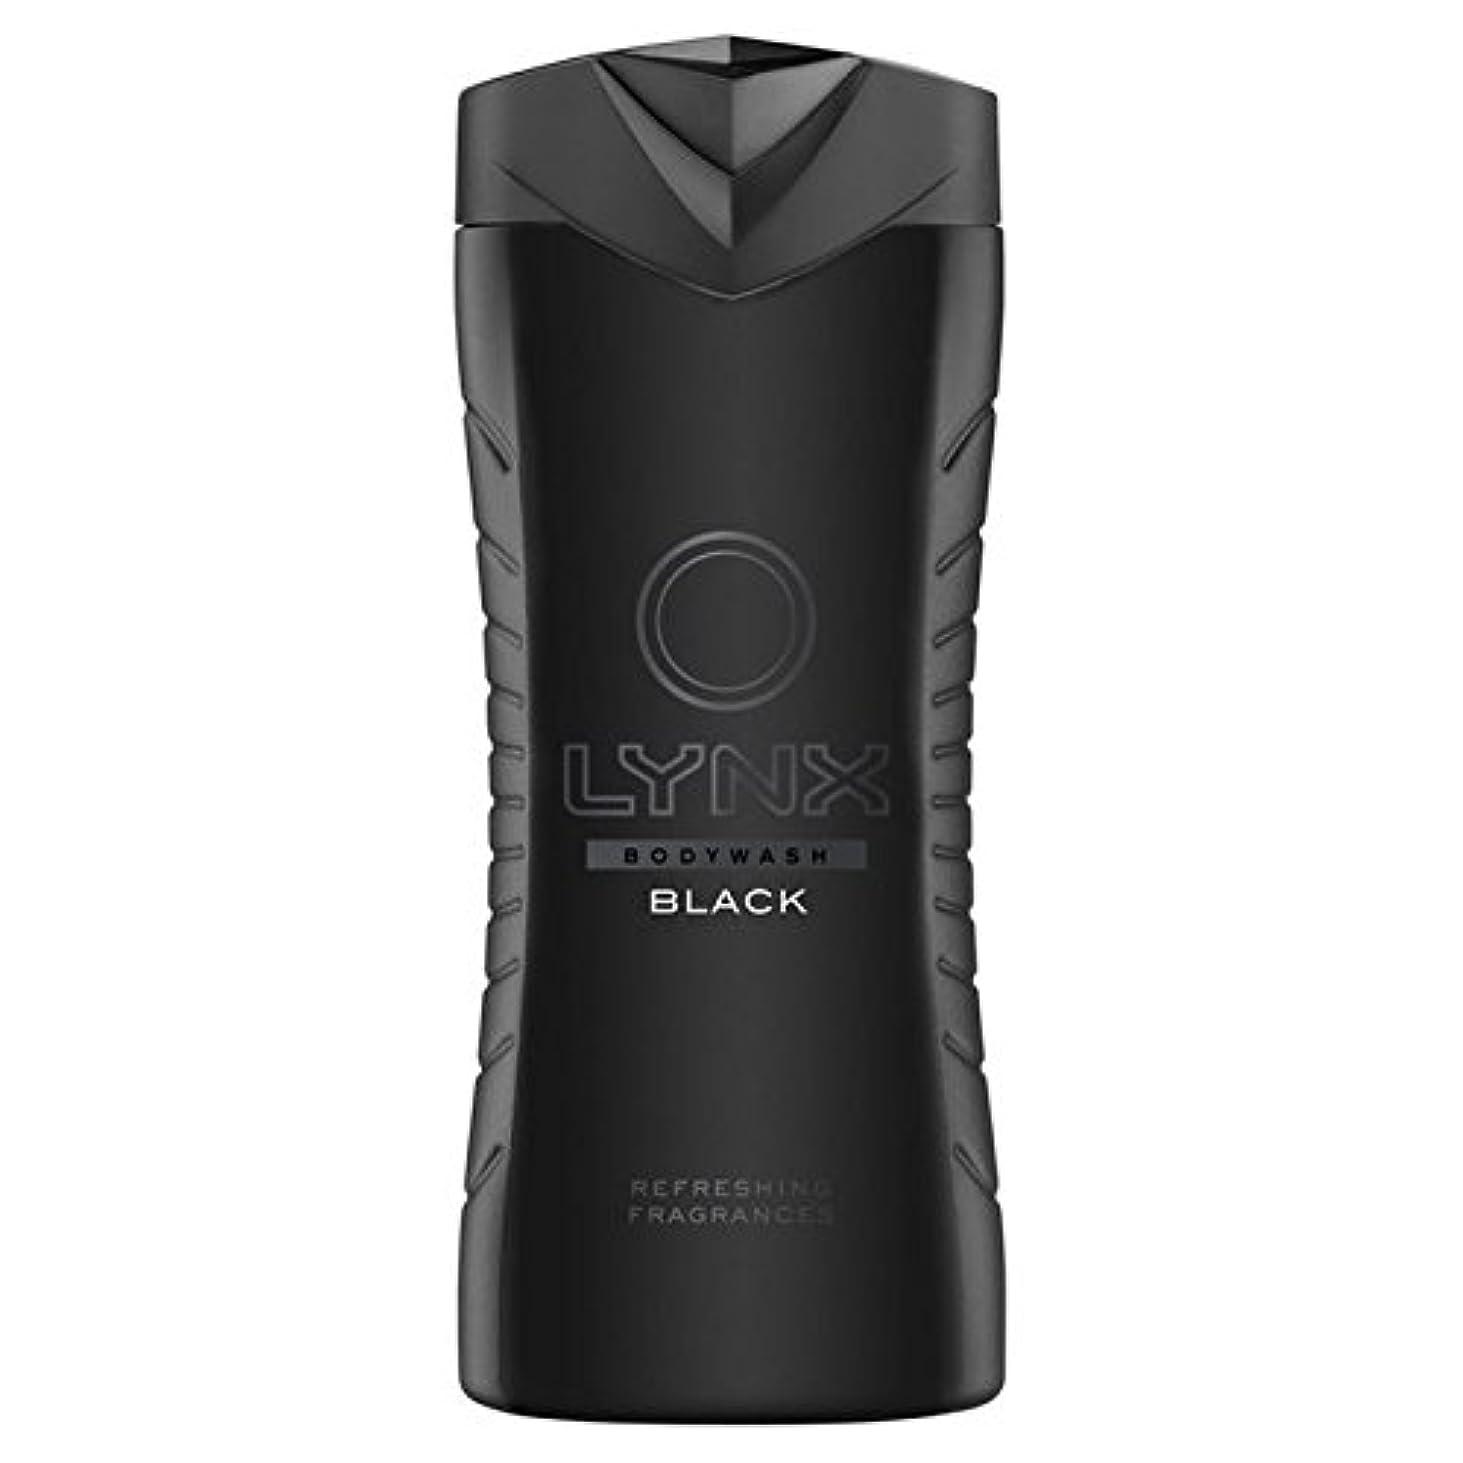 専門用語有名なサッカーLynx Black Shower Gel 400ml (Pack of 6) - オオヤマネコブラックシャワージェル400ミリリットル x6 [並行輸入品]